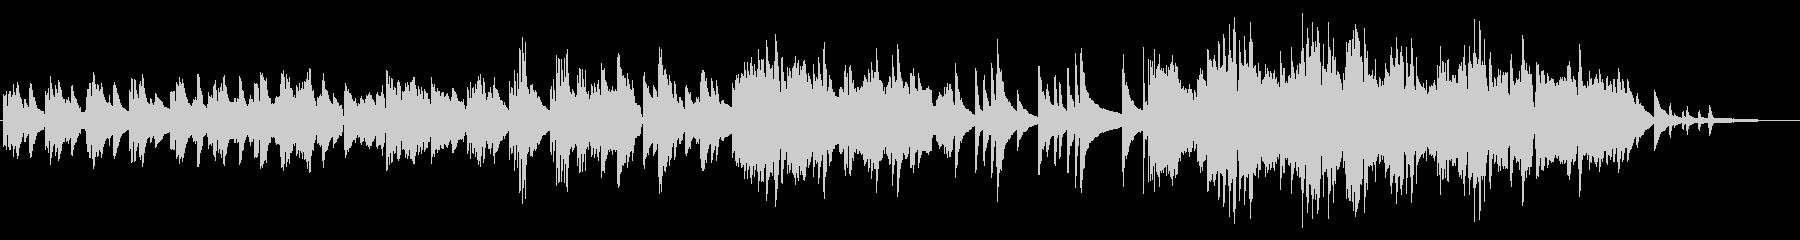 小雨の落ち着くイメージのピアノソロの未再生の波形